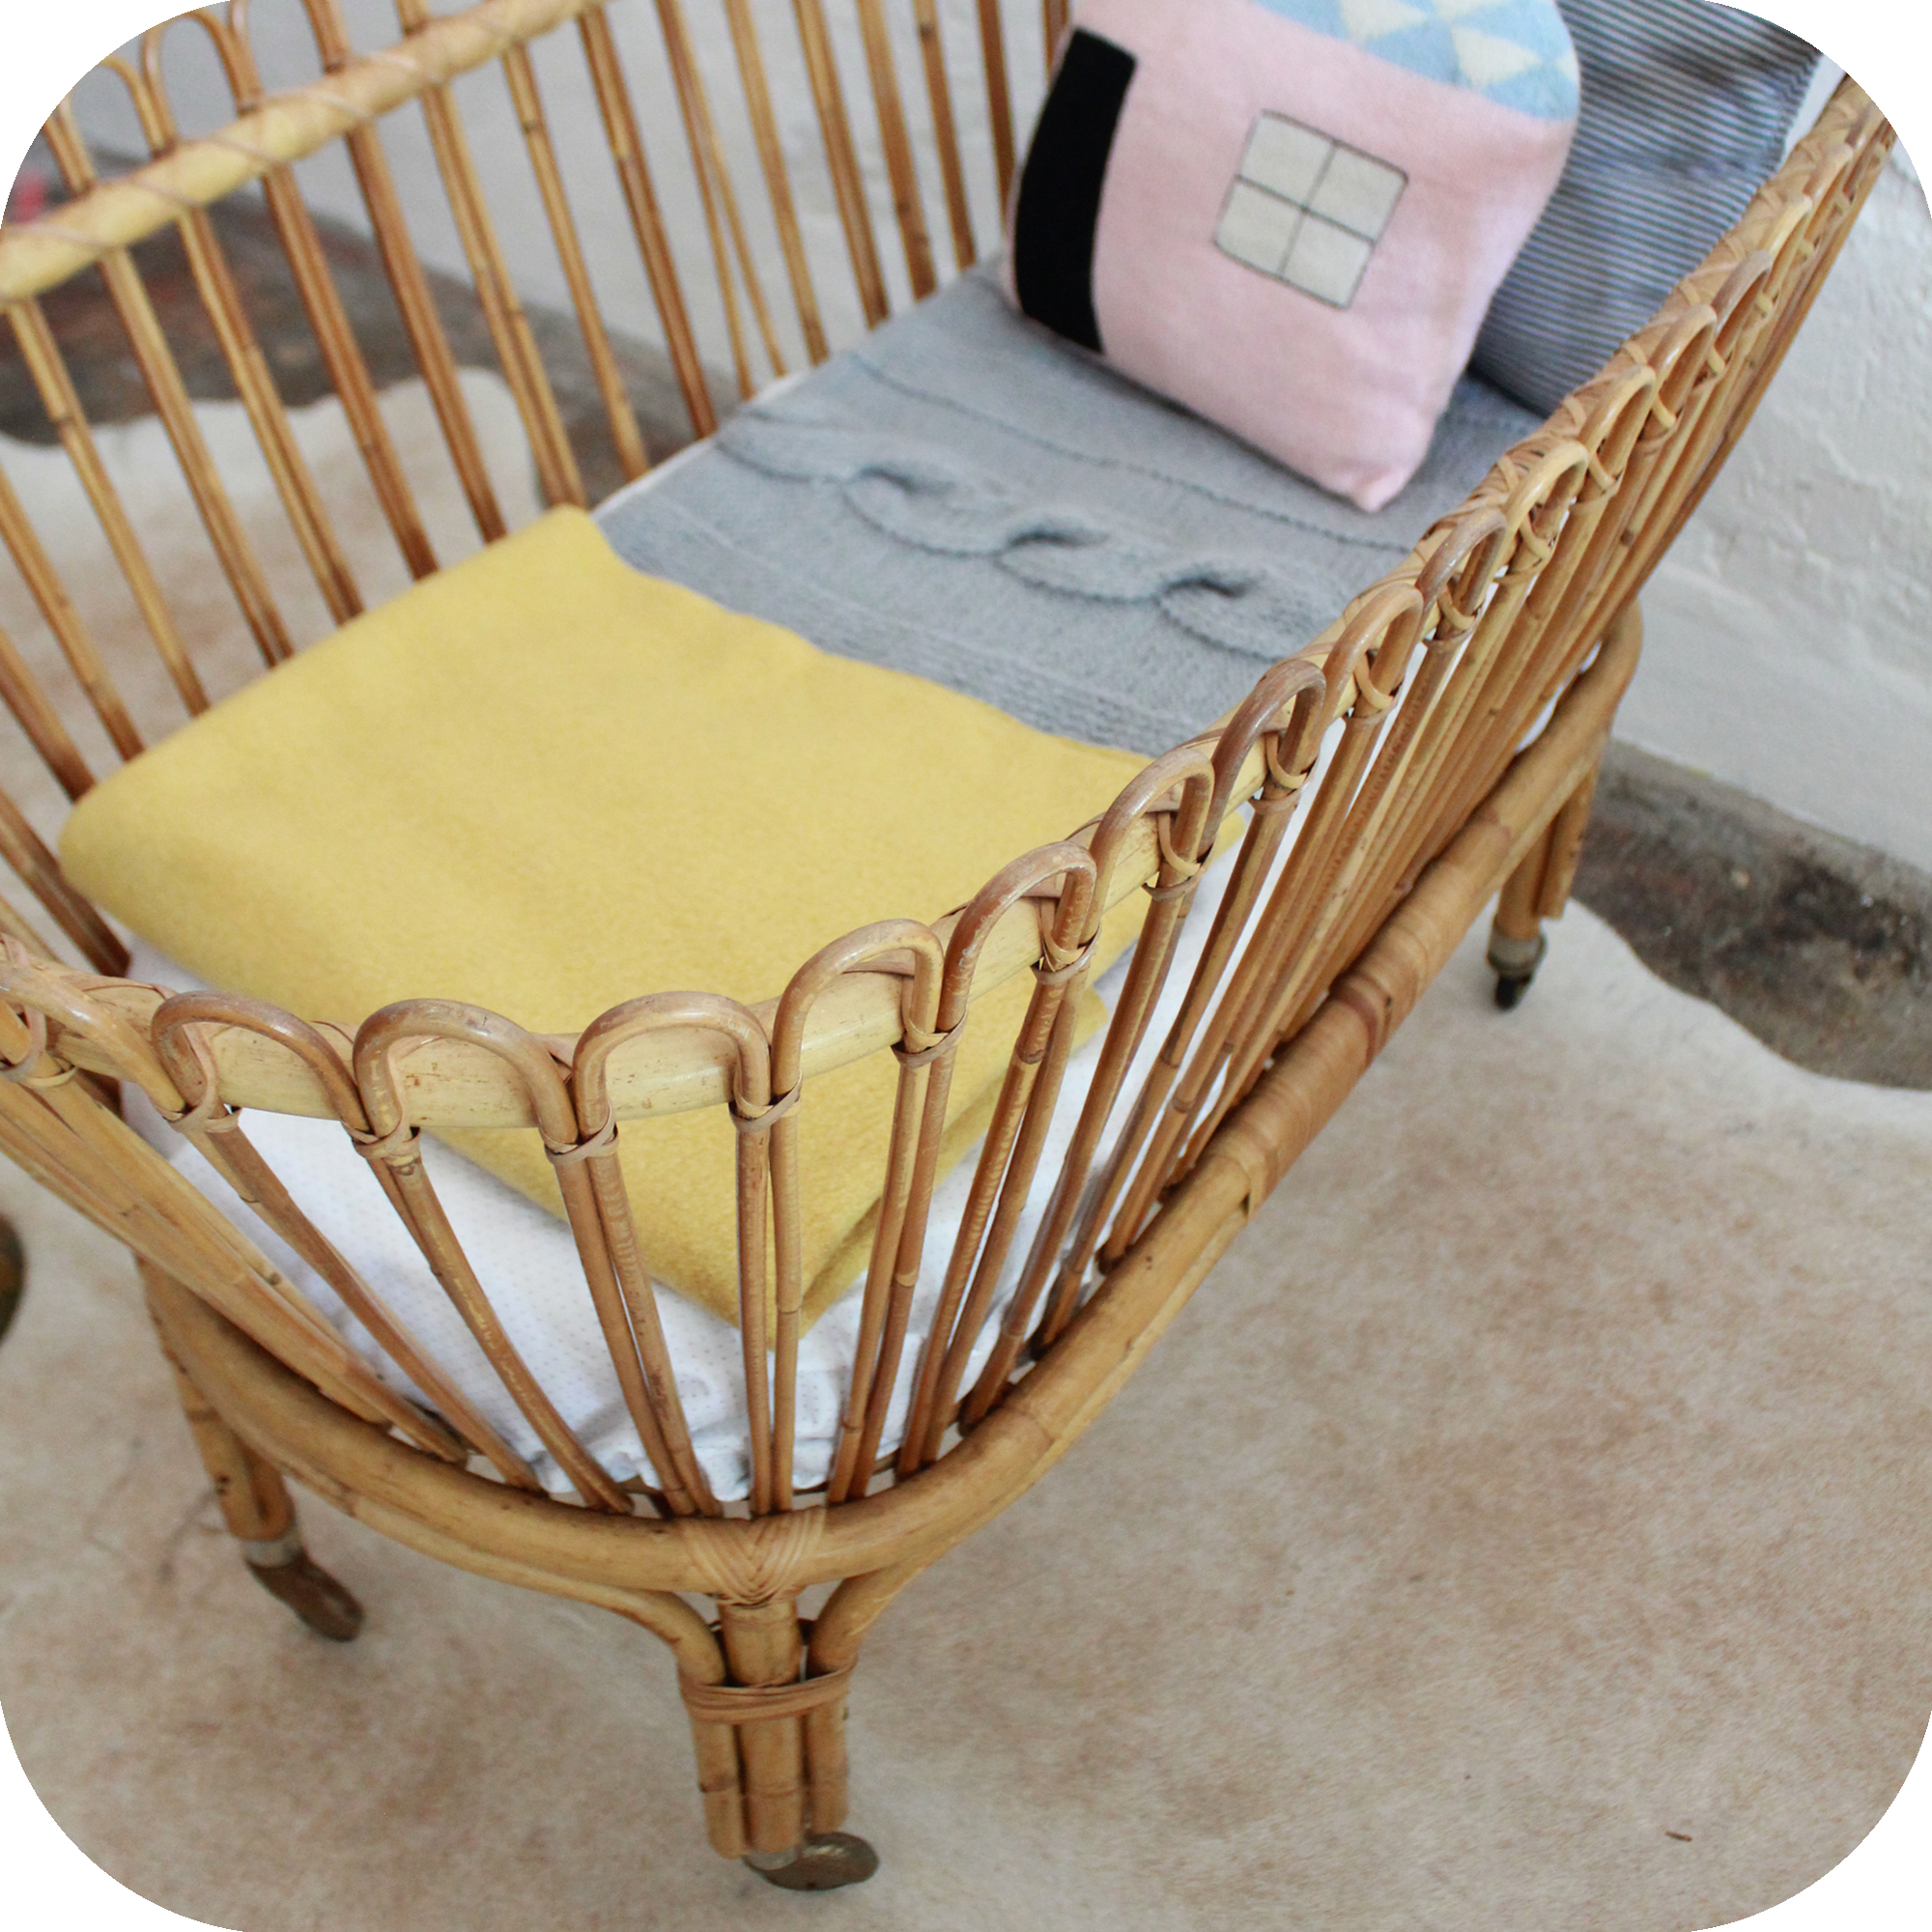 mobilier vintage lit b b rotin vintage atelier du. Black Bedroom Furniture Sets. Home Design Ideas